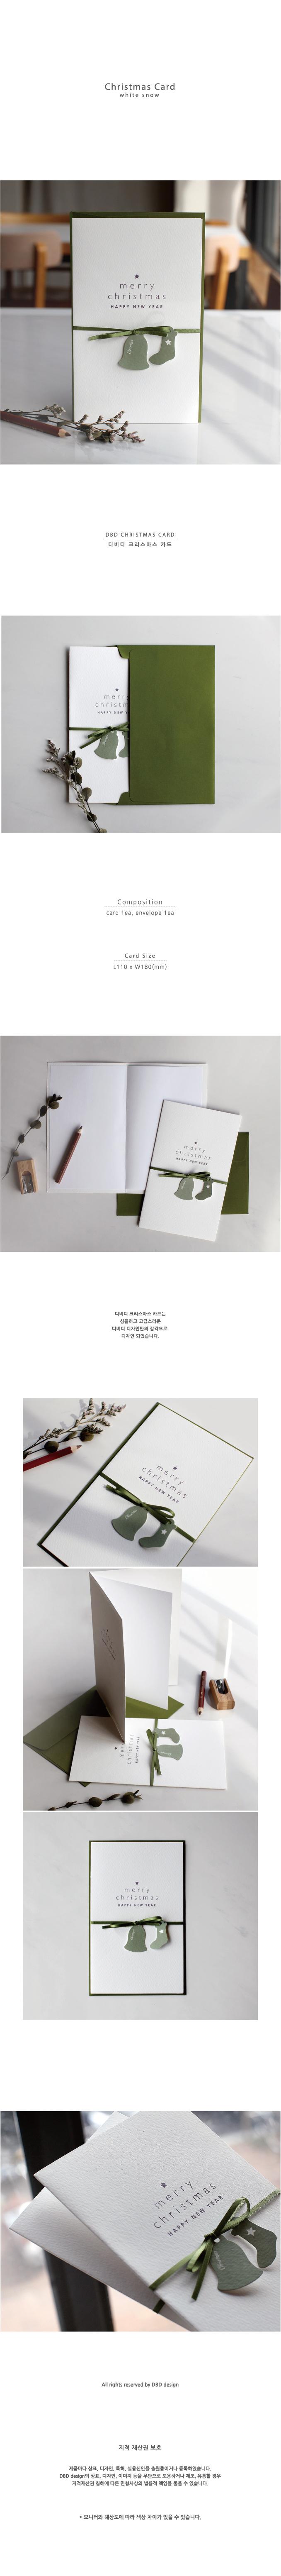 디비디 크리스마스 카드 - White Snow - 디비디, 3,200원, 카드, 크리스마스 카드